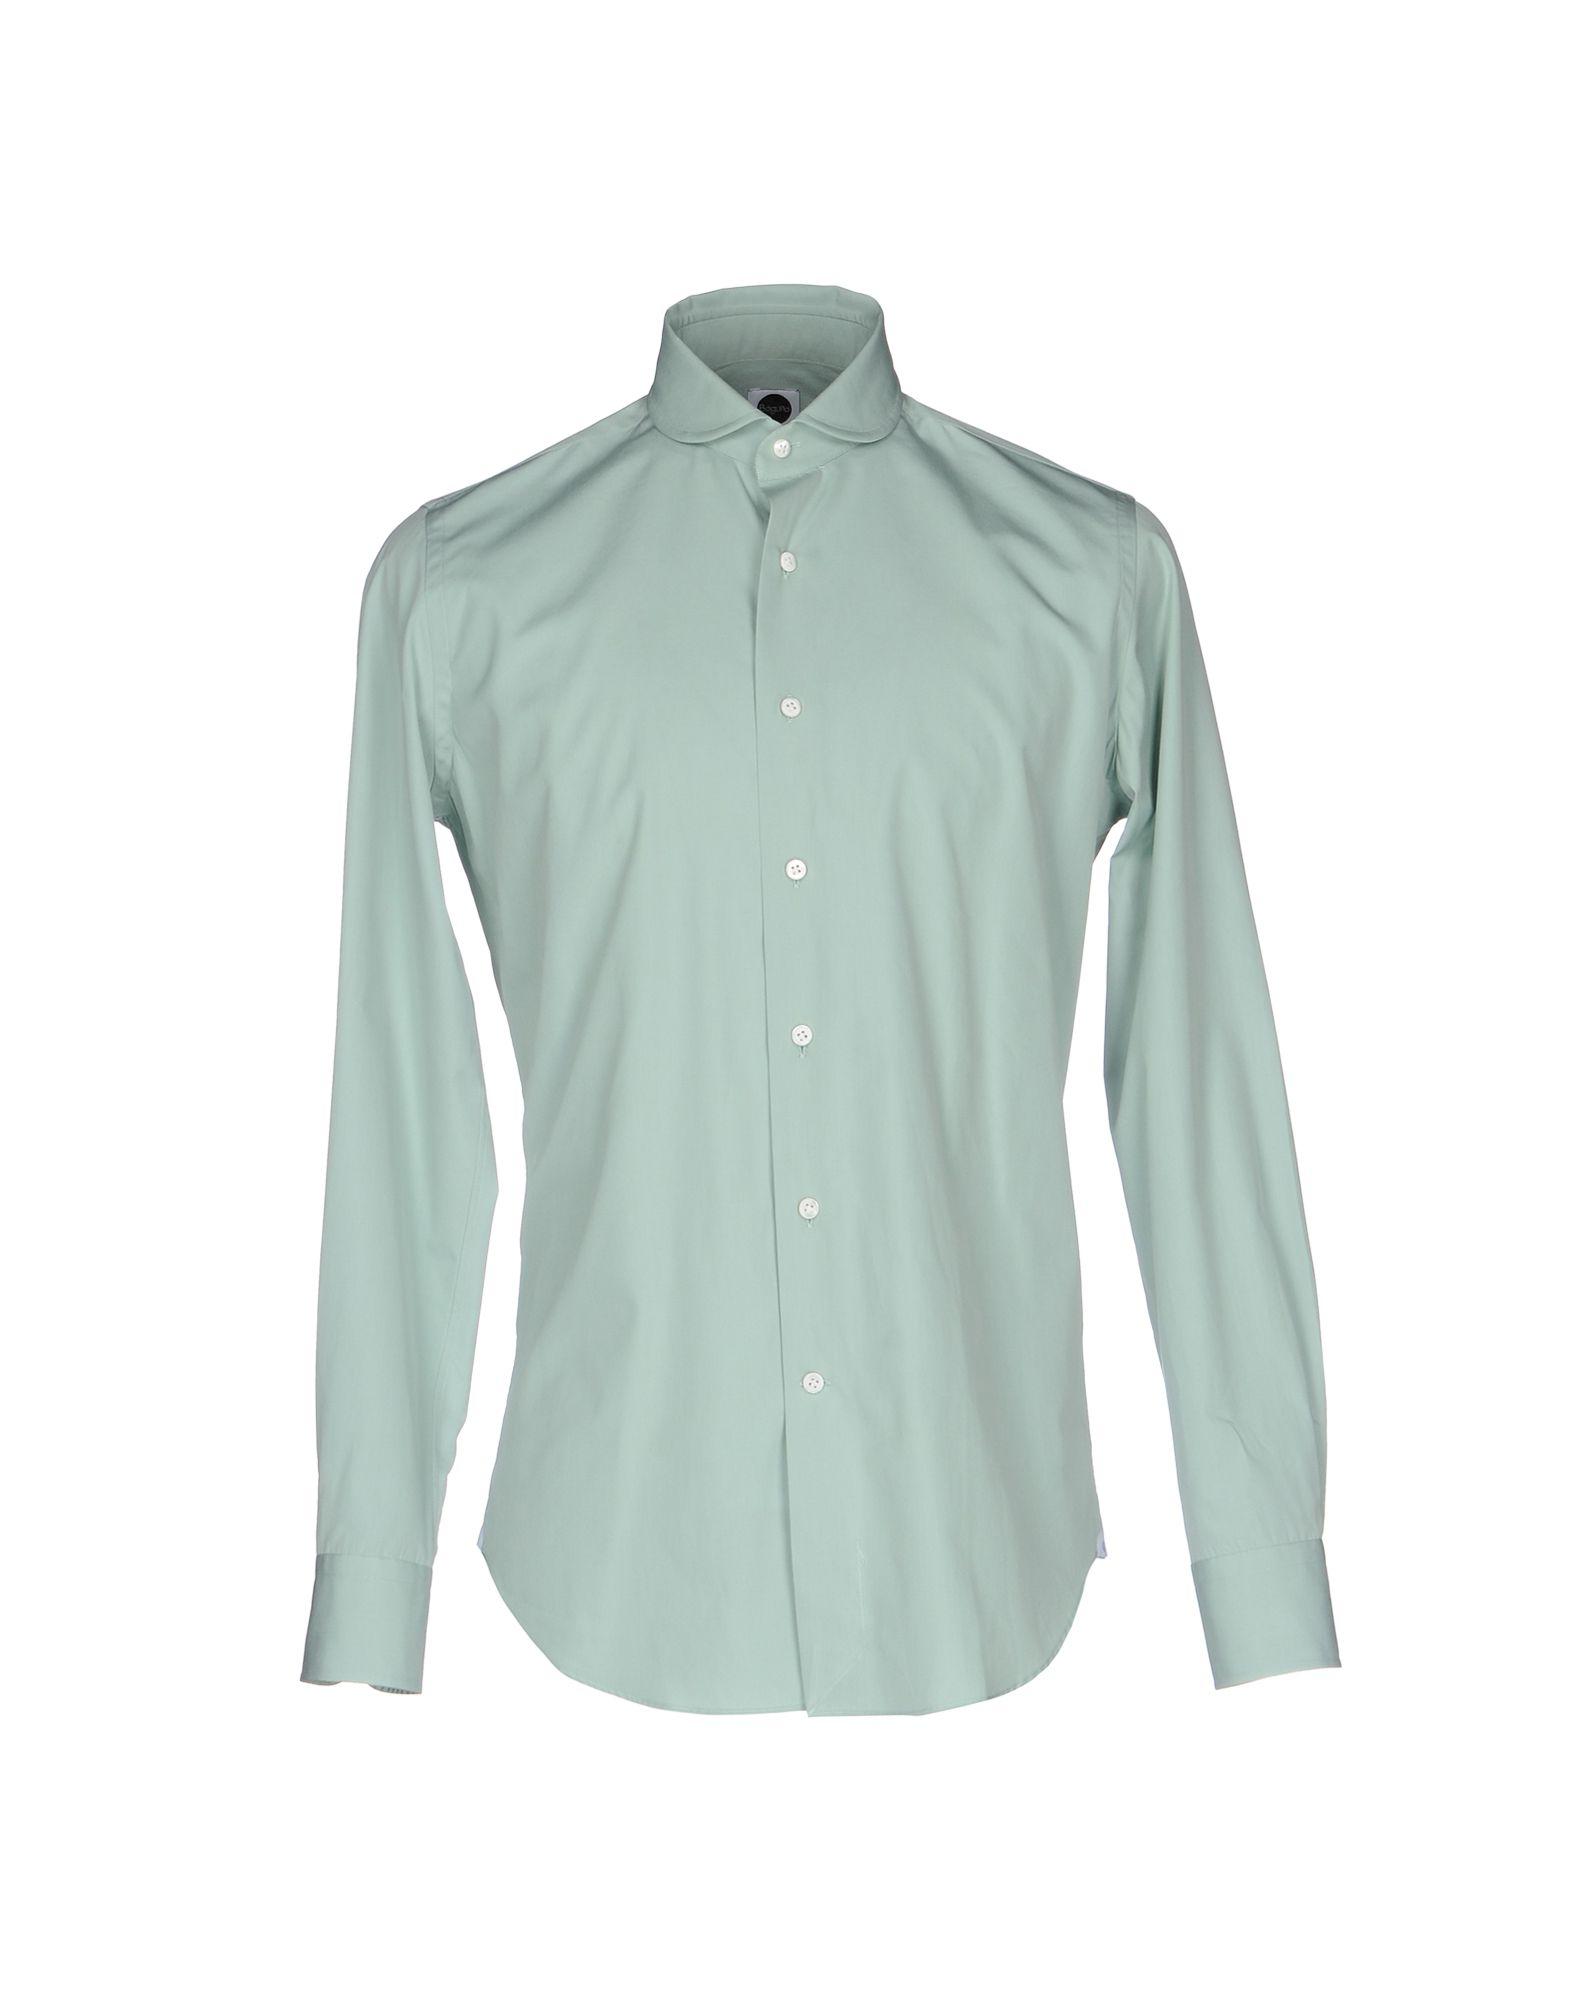 《送料無料》BAGUTTA メンズ シャツ ライトグリーン 37 コットン 100%